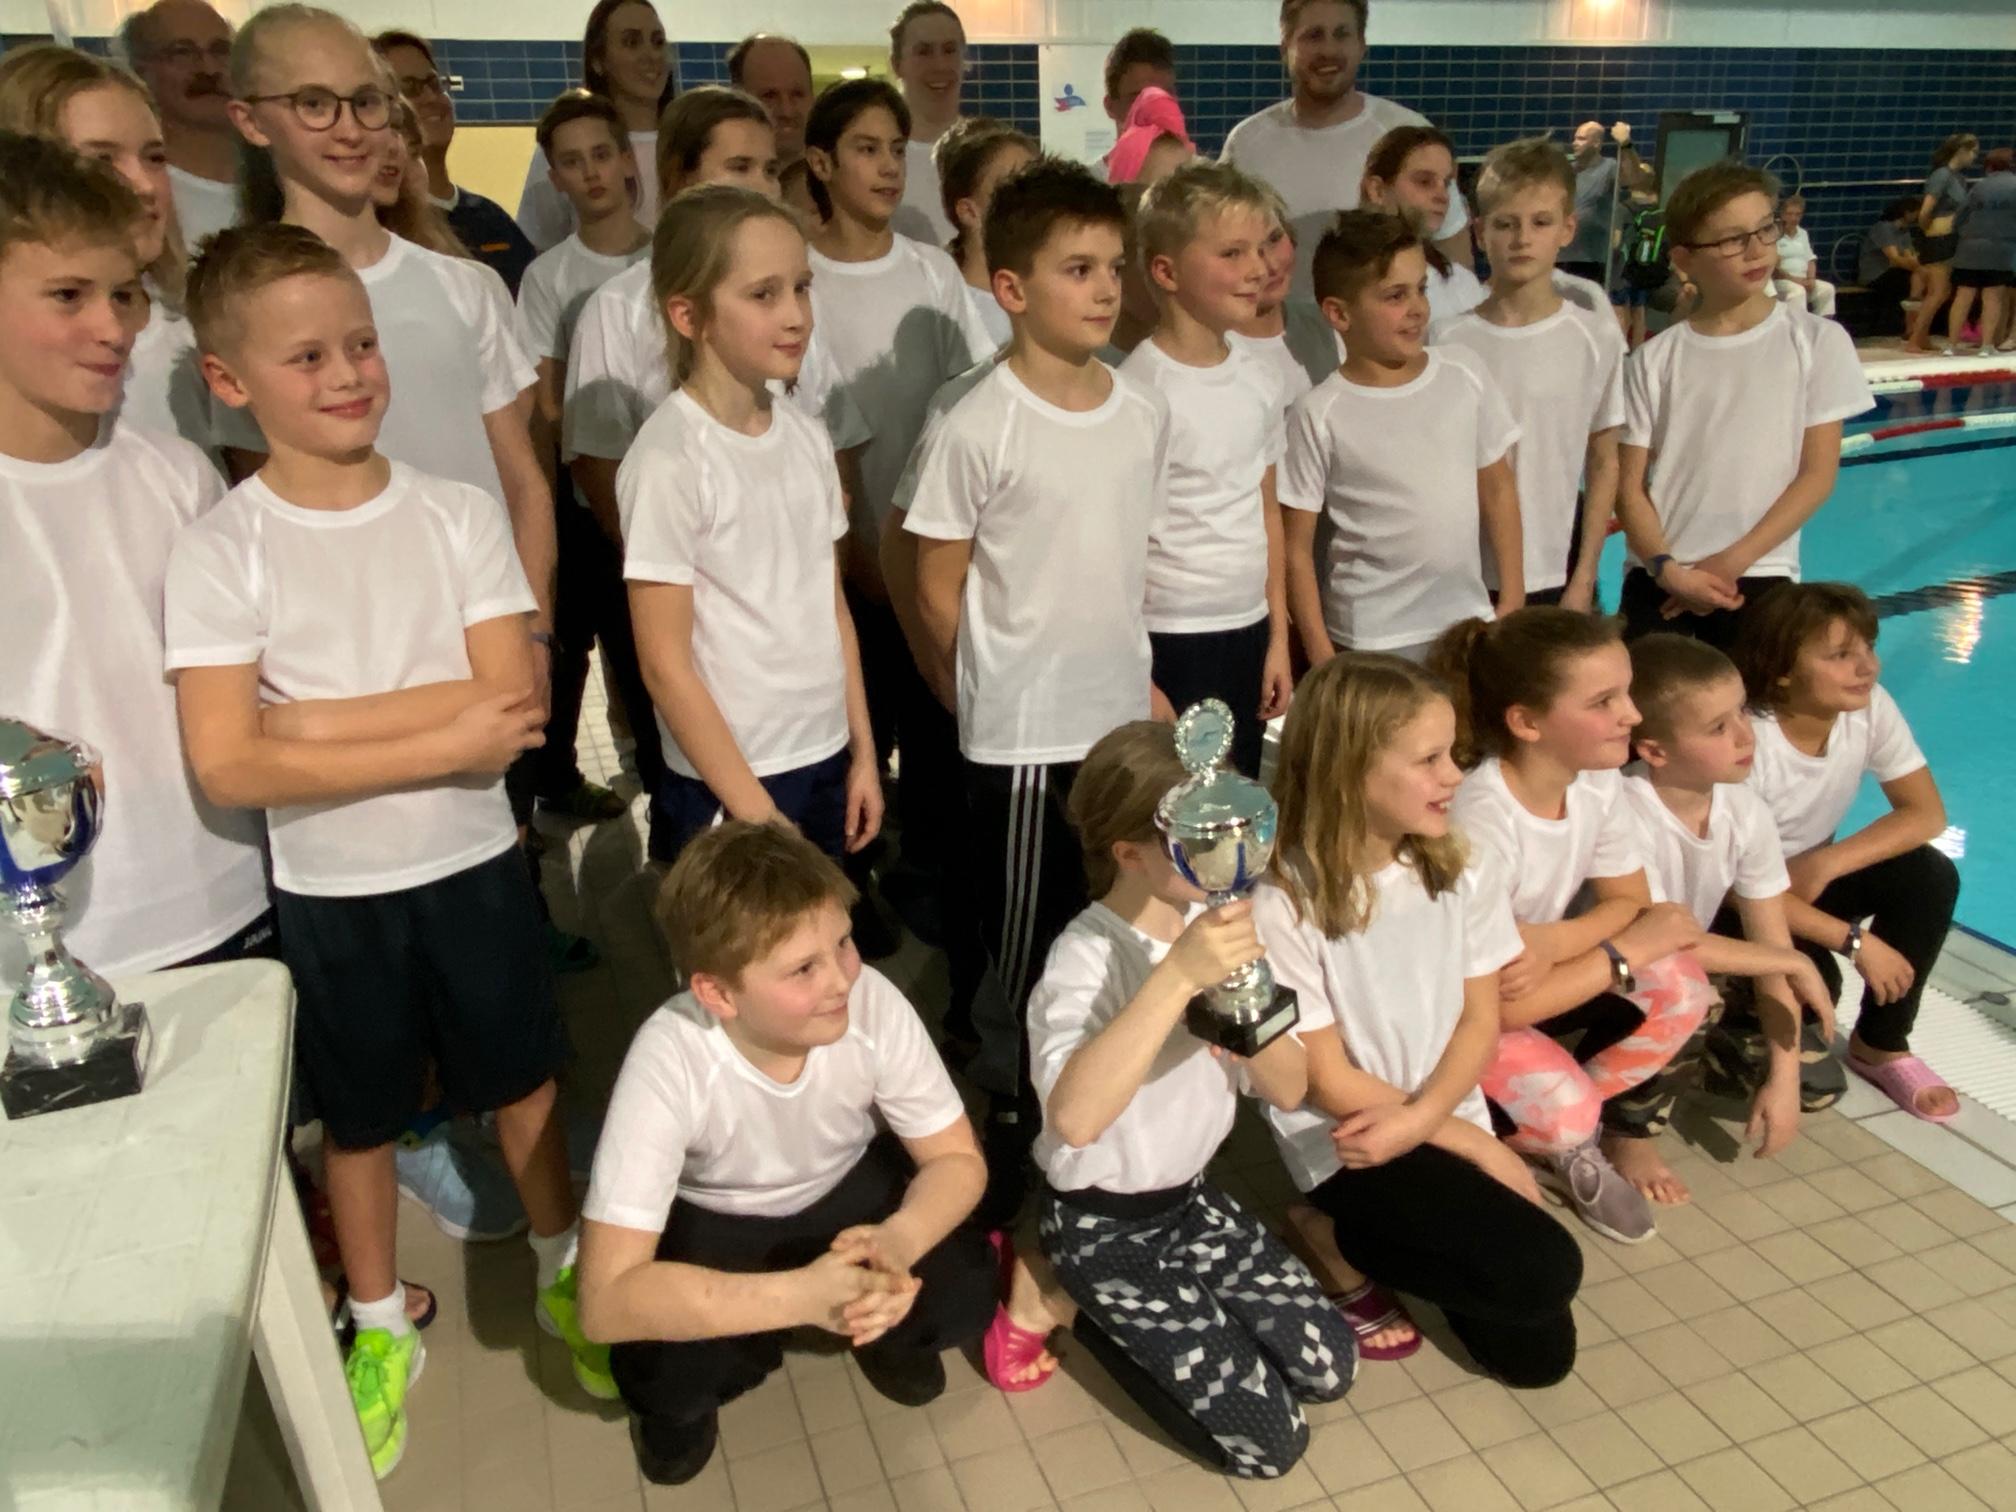 PSV-Schwimmer In Weser-Ems-Auswahl Dabei